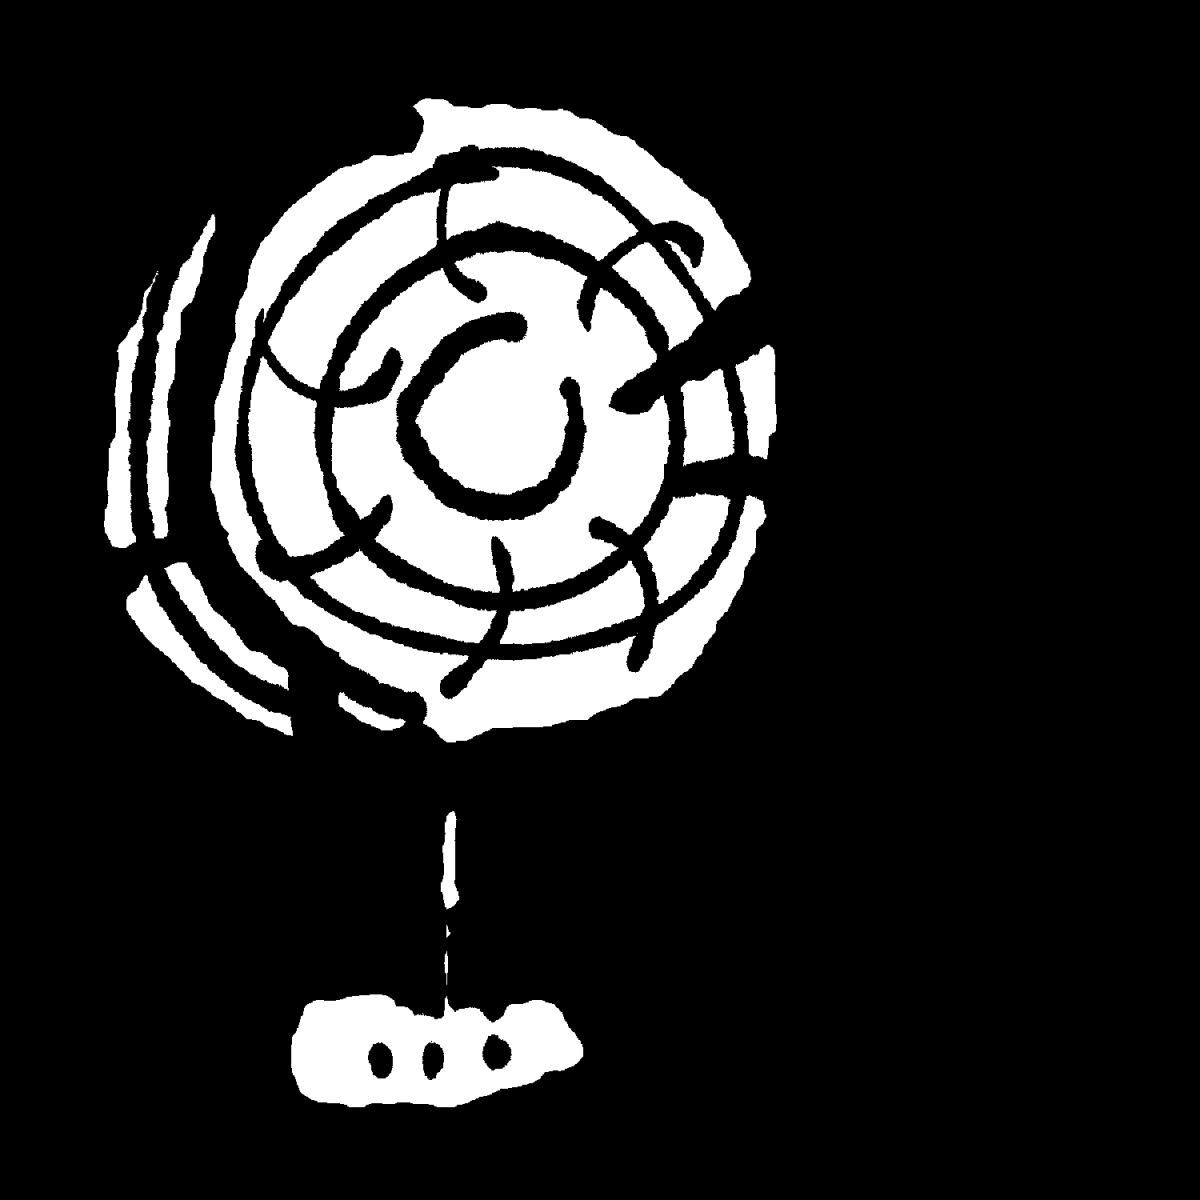 扇風機(2種)のイラスト / Electric fan Illustration